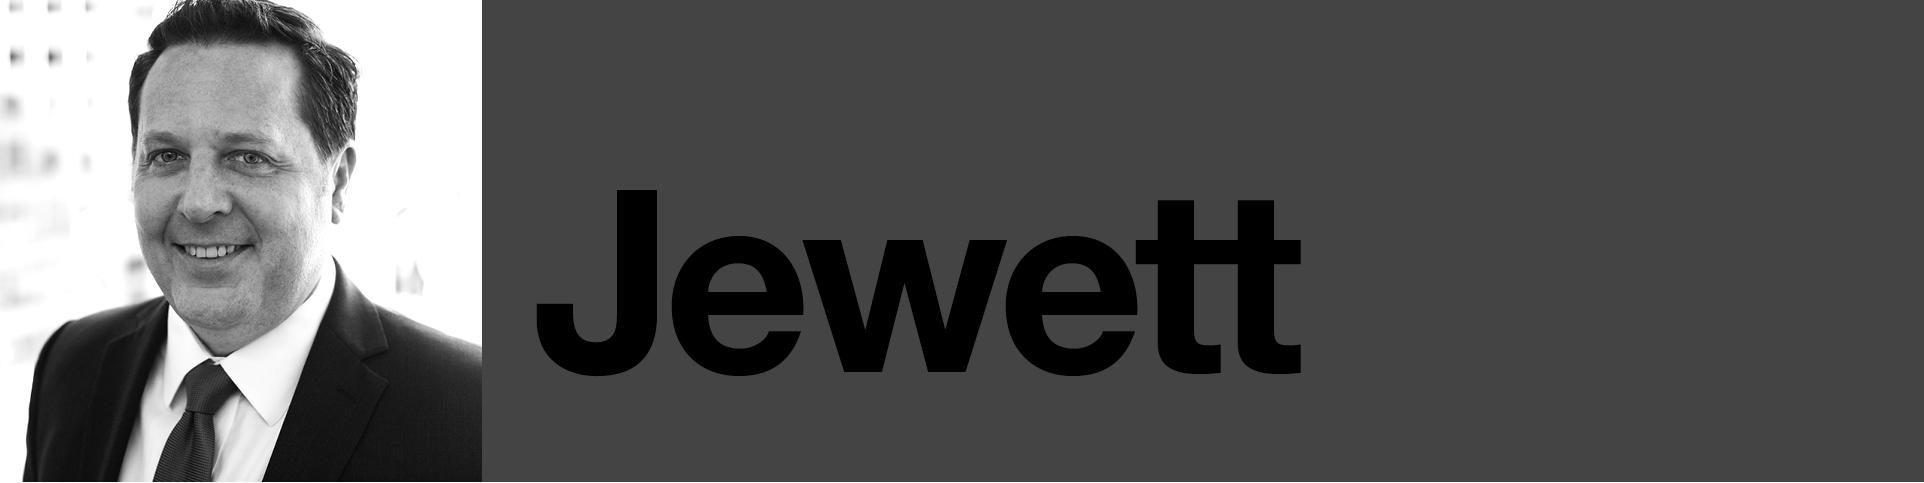 banner-name-jewett.jpg